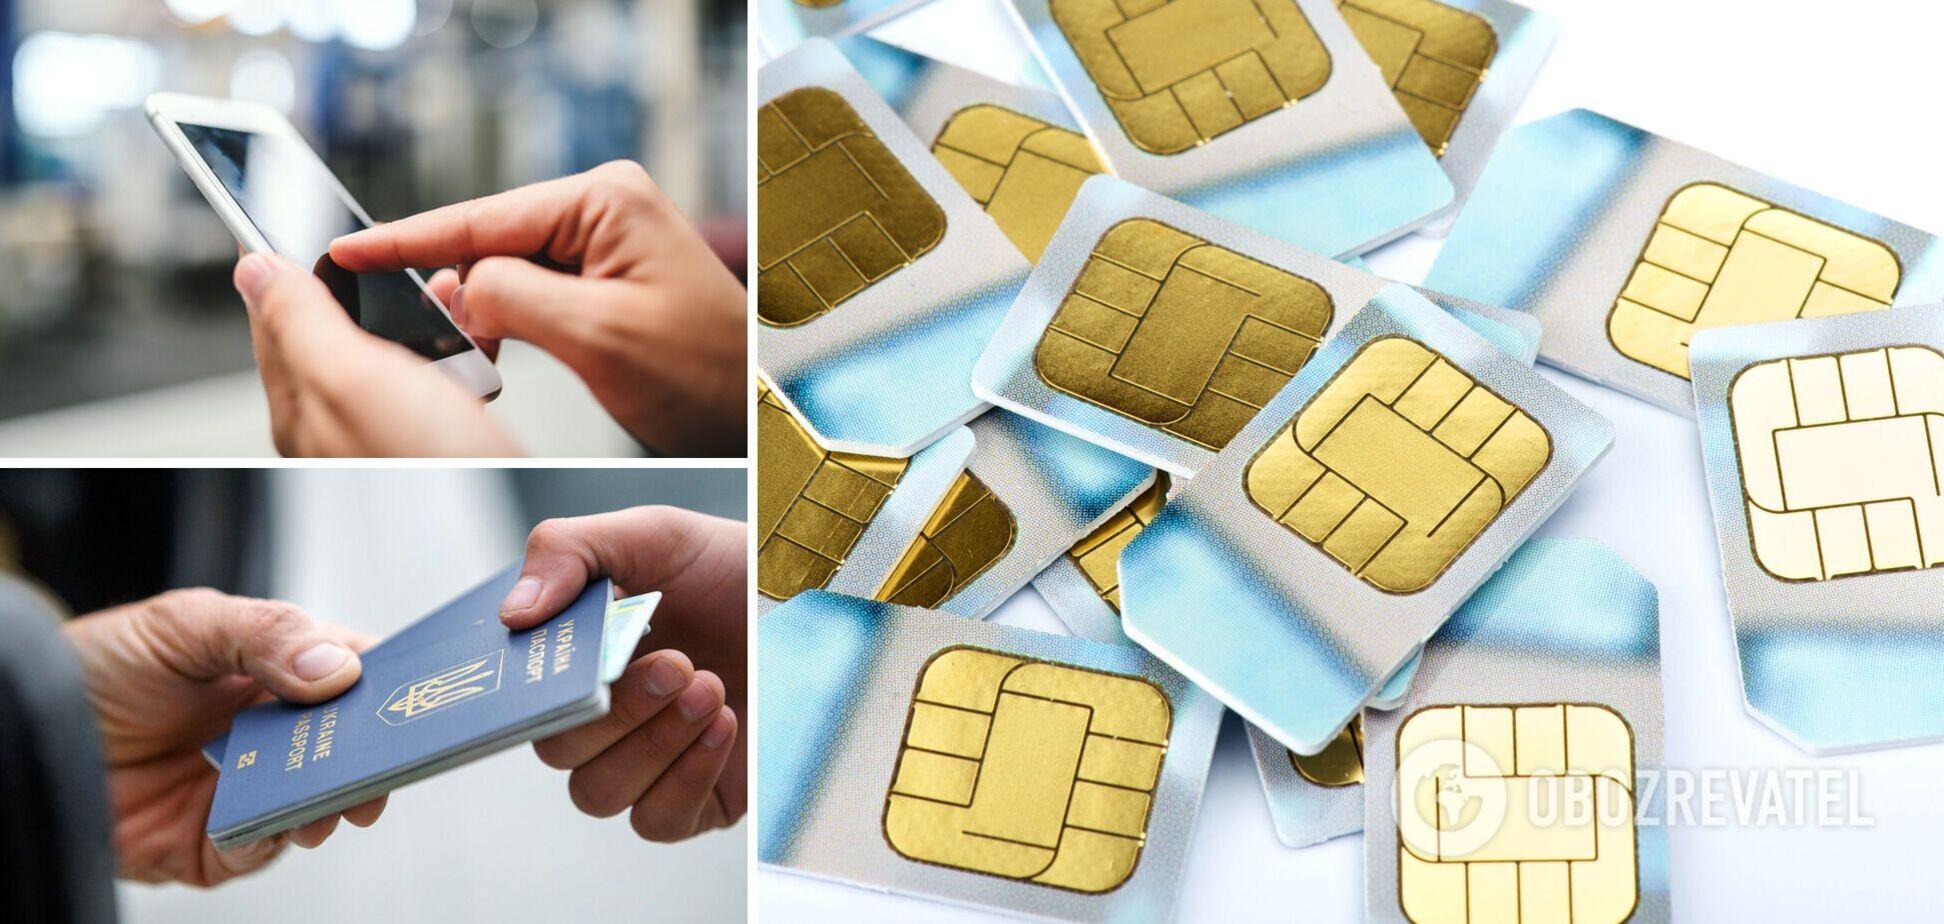 В Україні змінять правила користування мобільним зв'язком